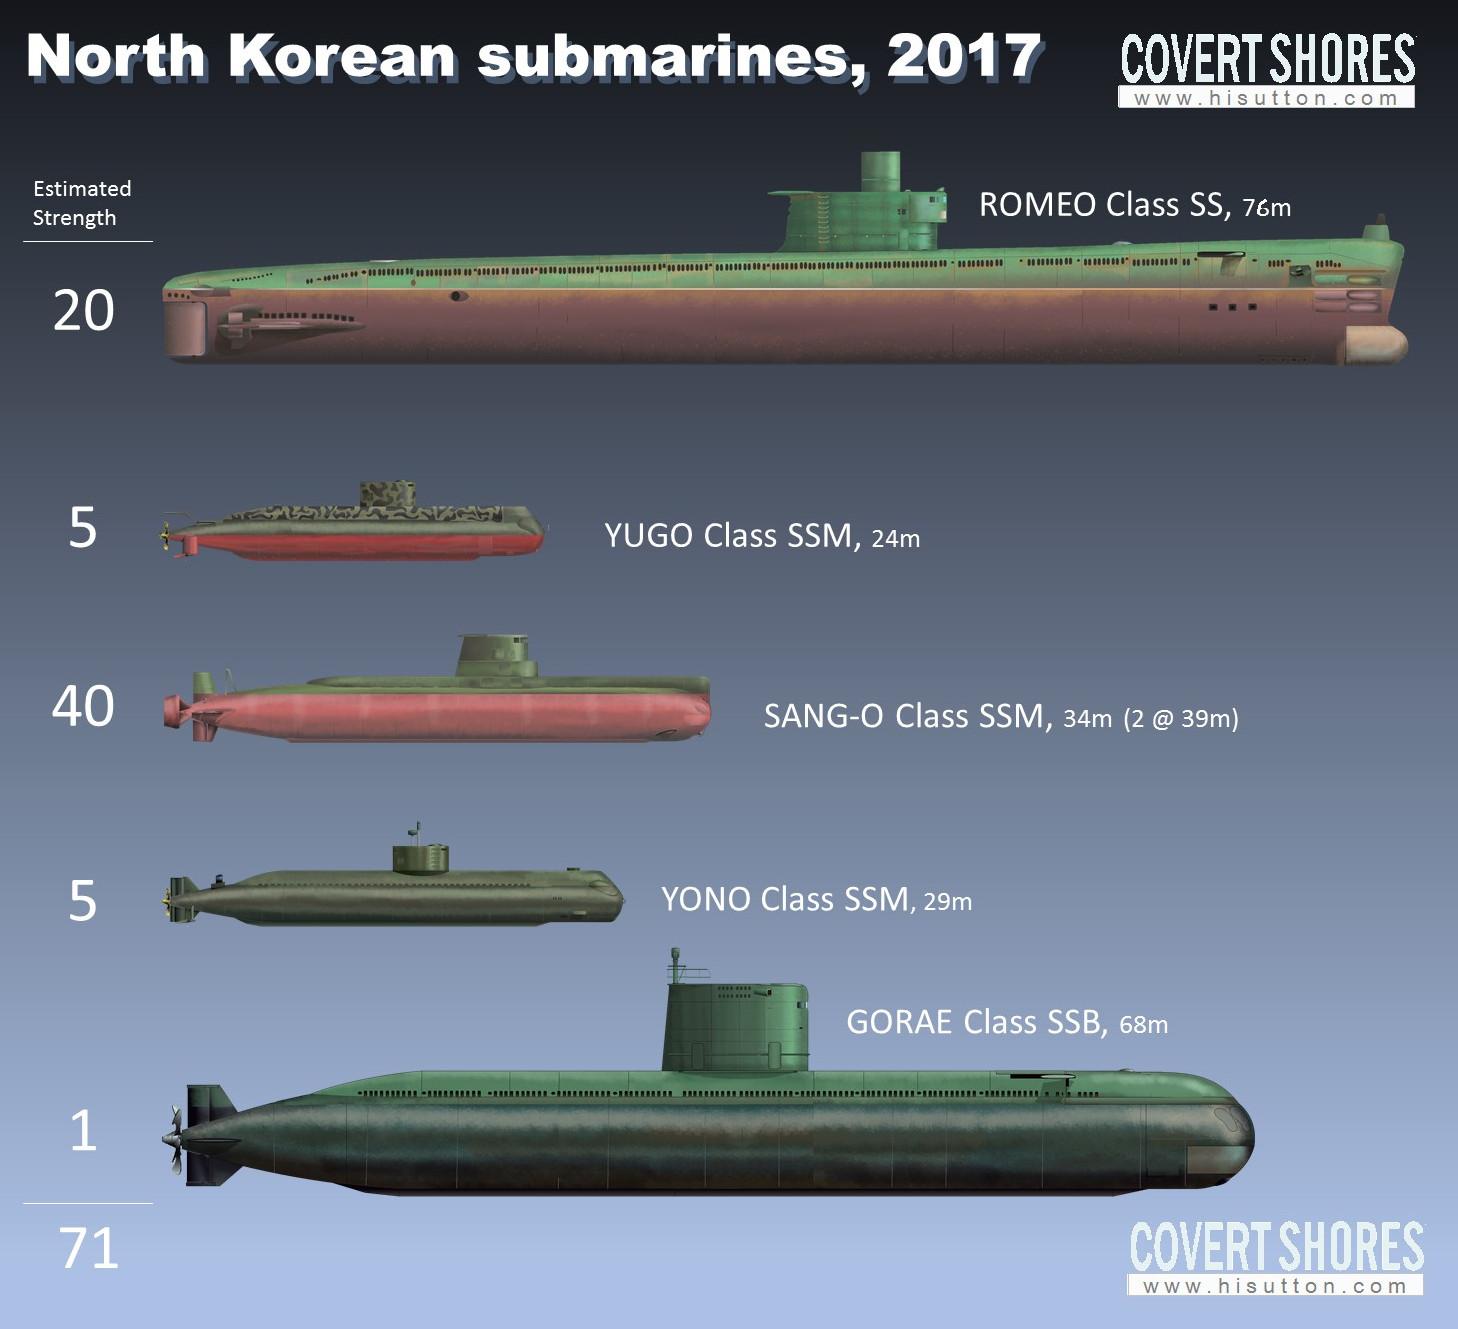 DPRK_Subs.jpg